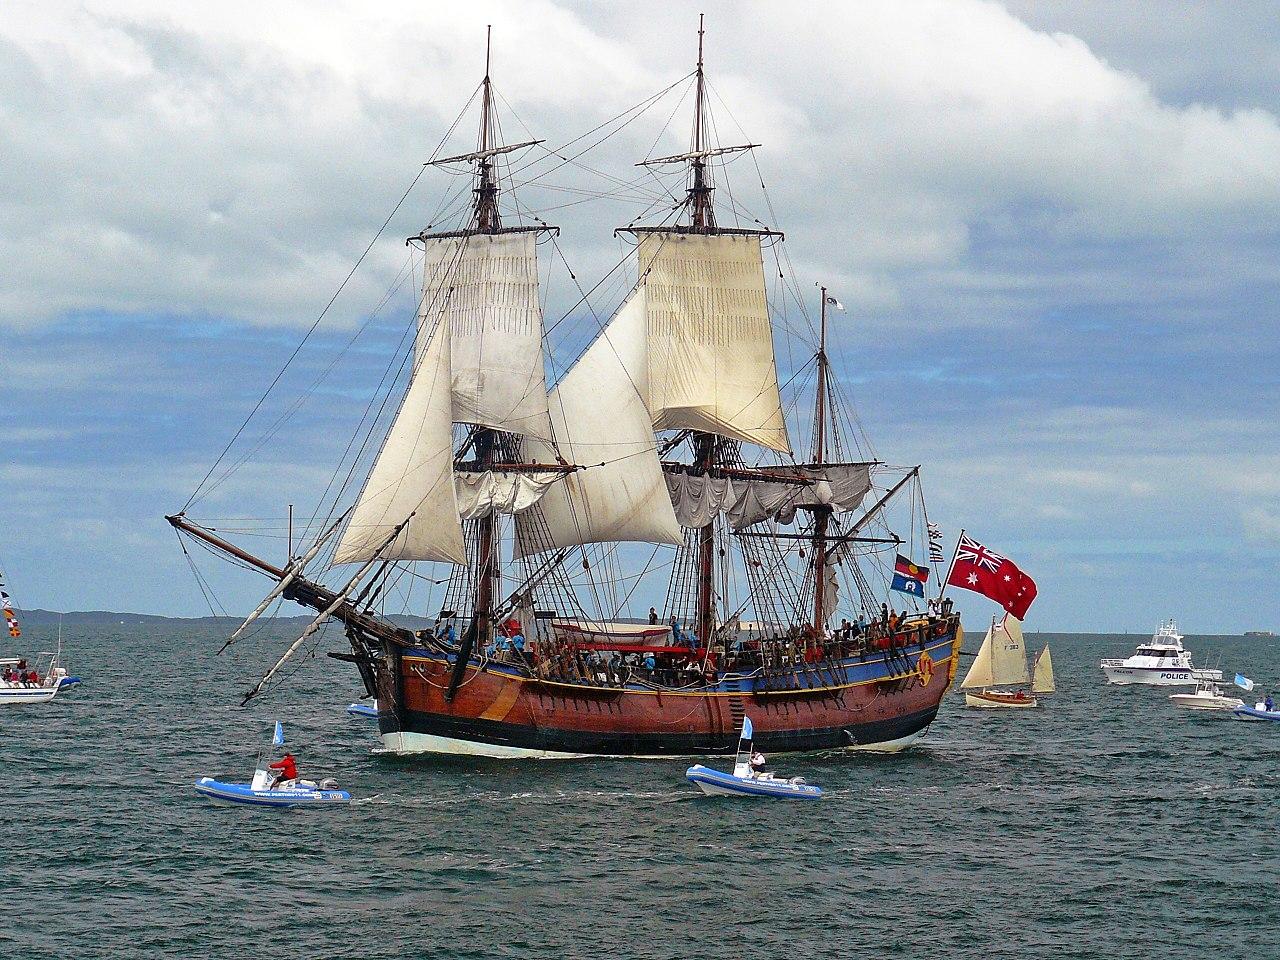 Реплика корабля «Индевор» на подходе к австралийскому городу Фримантл, 12-10-2011